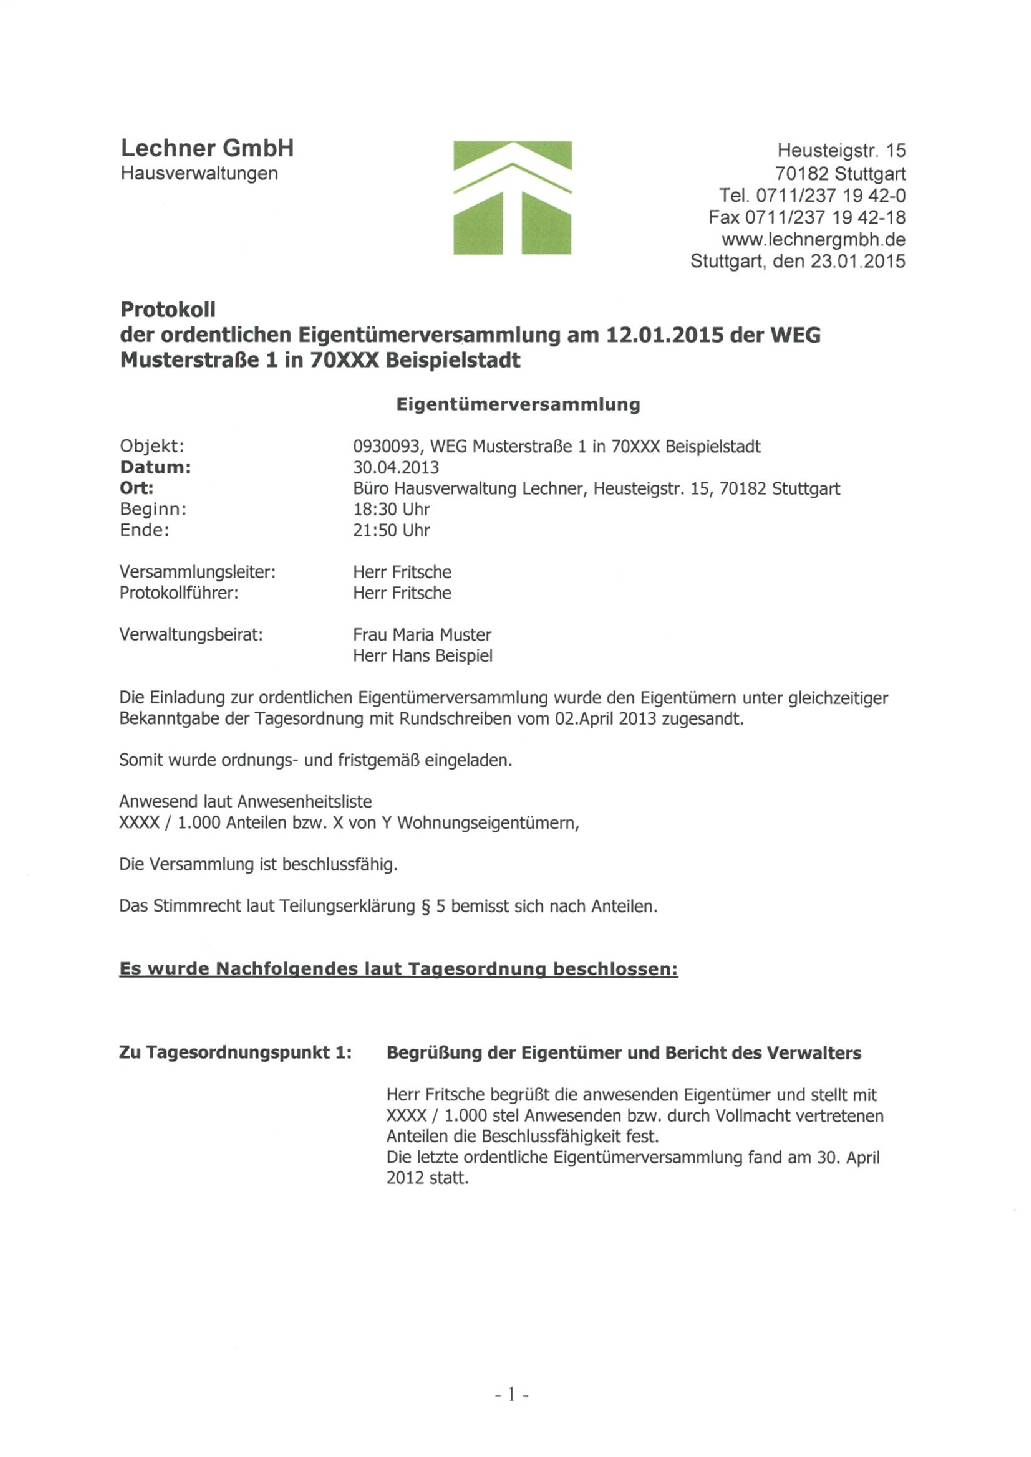 lechner gmbh hausverwaltung in stuttgart - eigentümerversammlung, Einladung